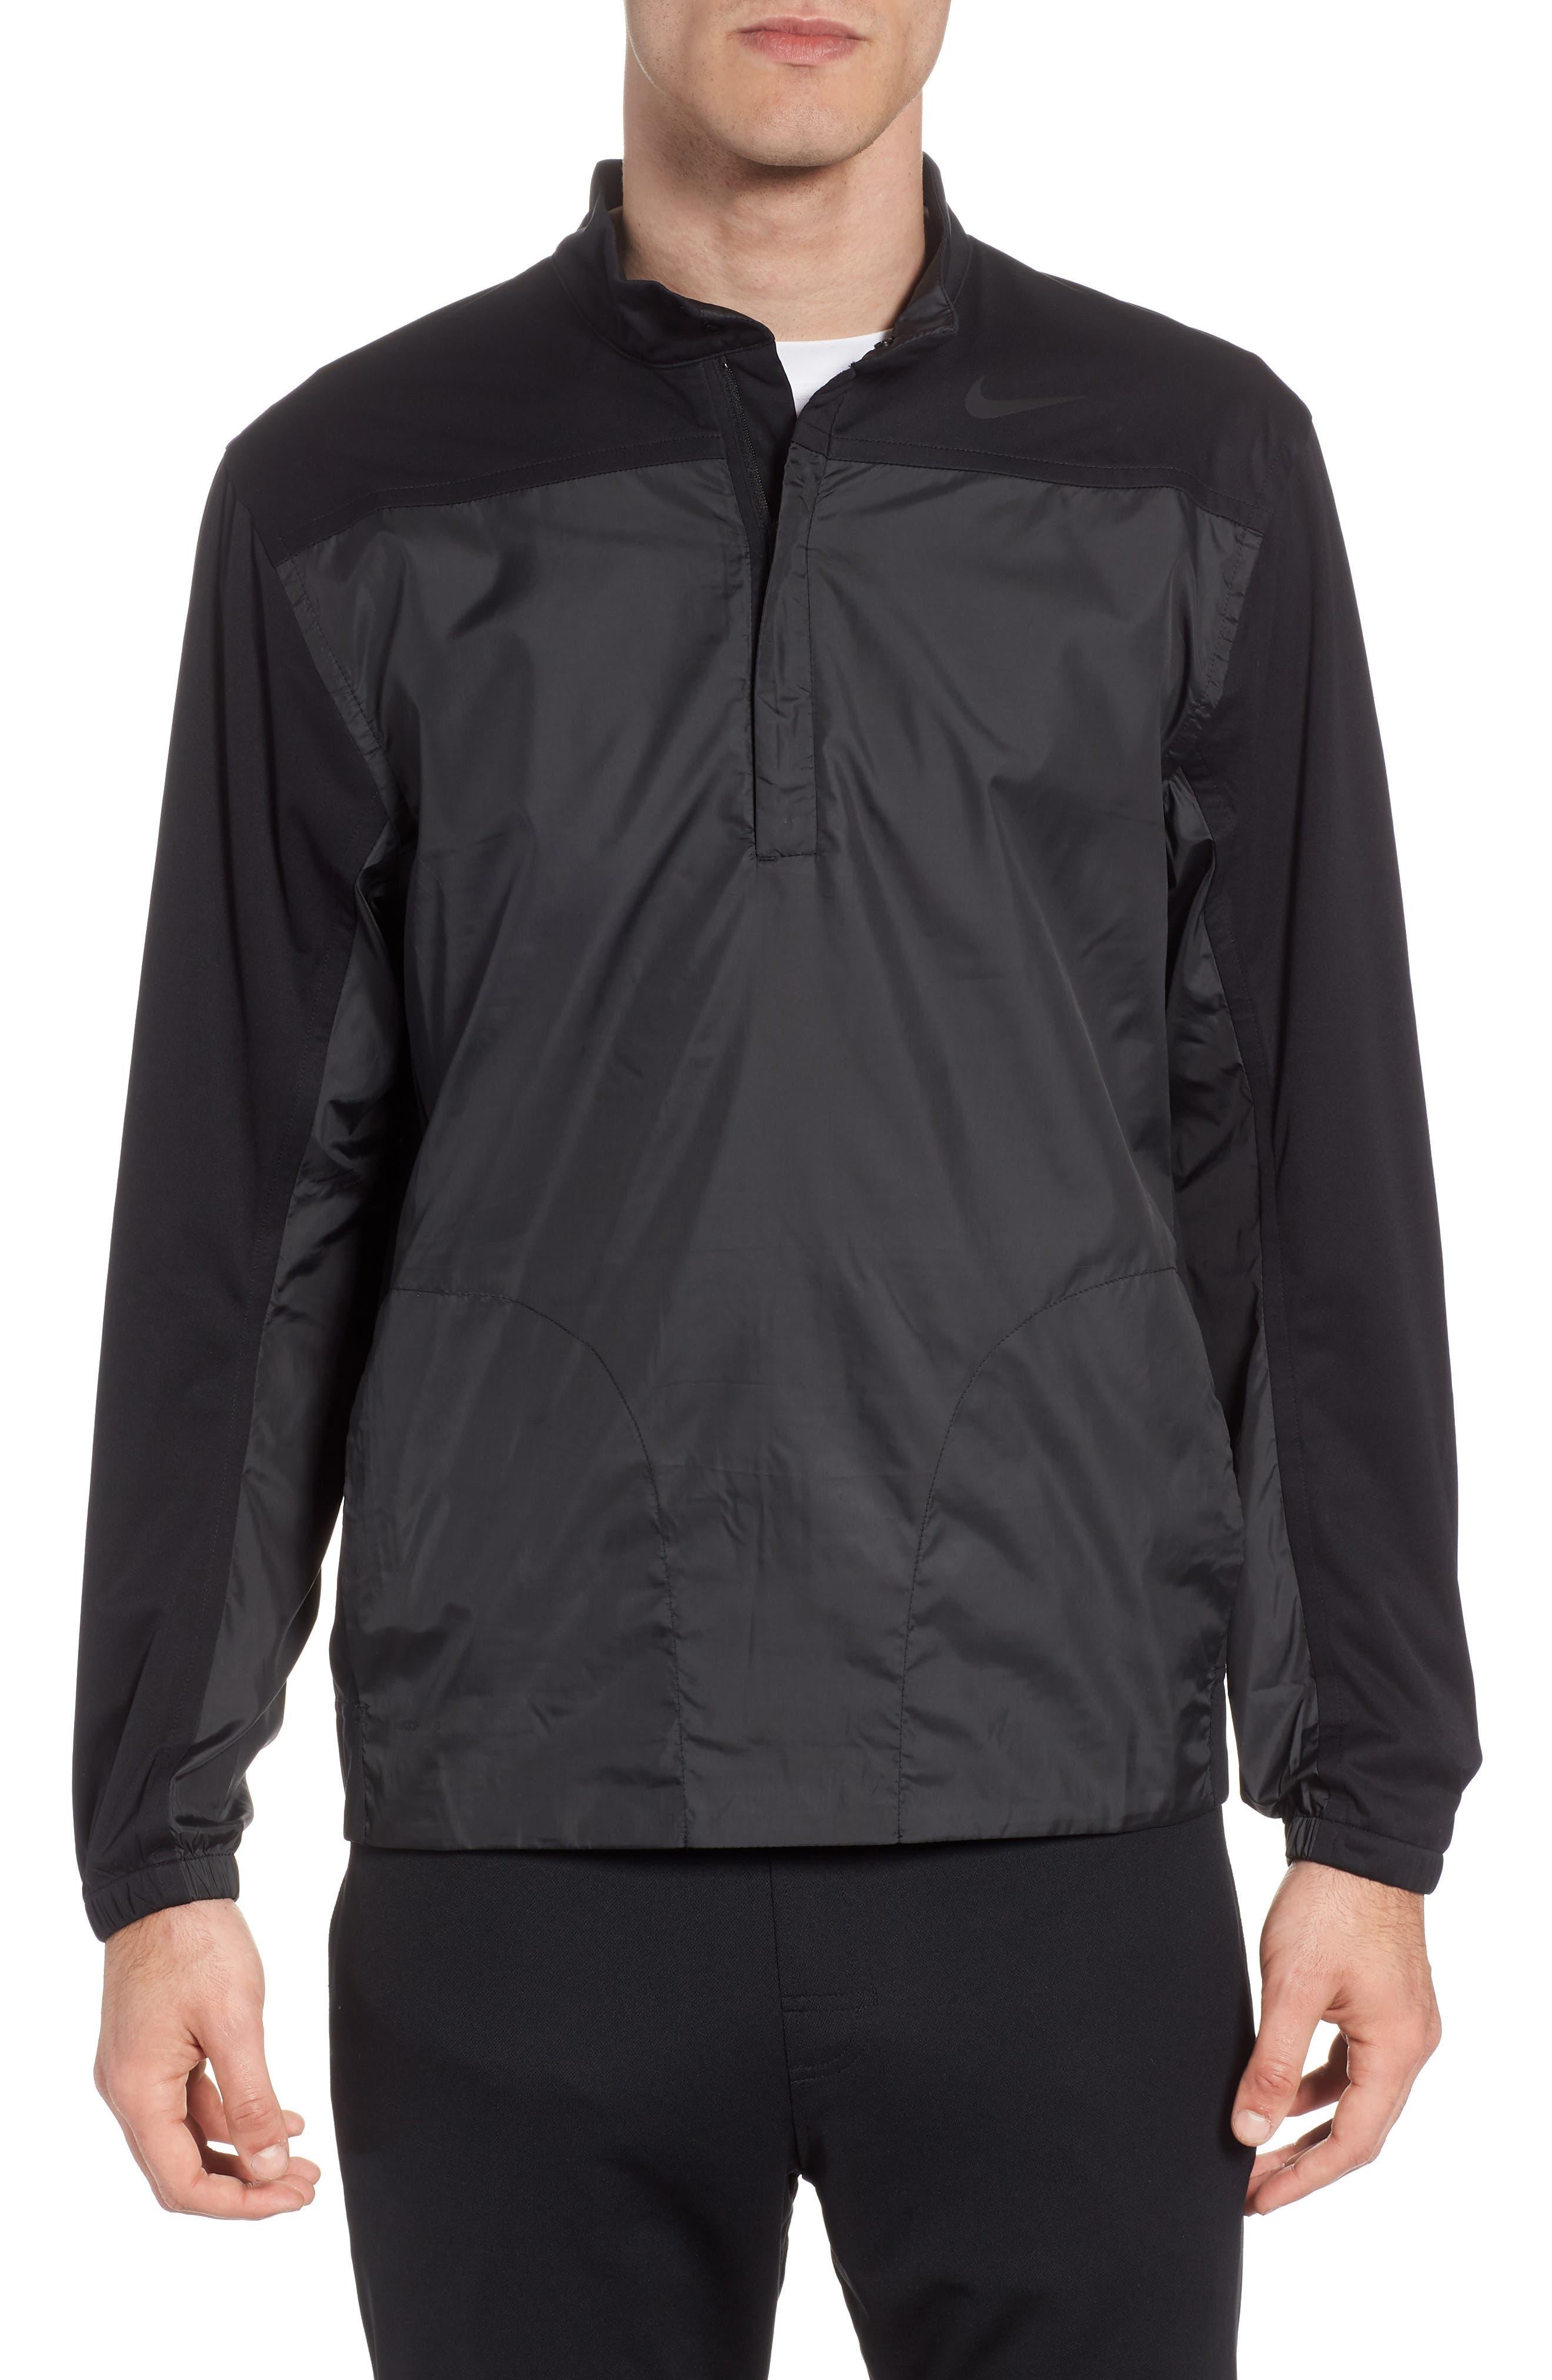 Shield Full Zip Golf Jacket,                             Main thumbnail 1, color,                             Black/ Silver